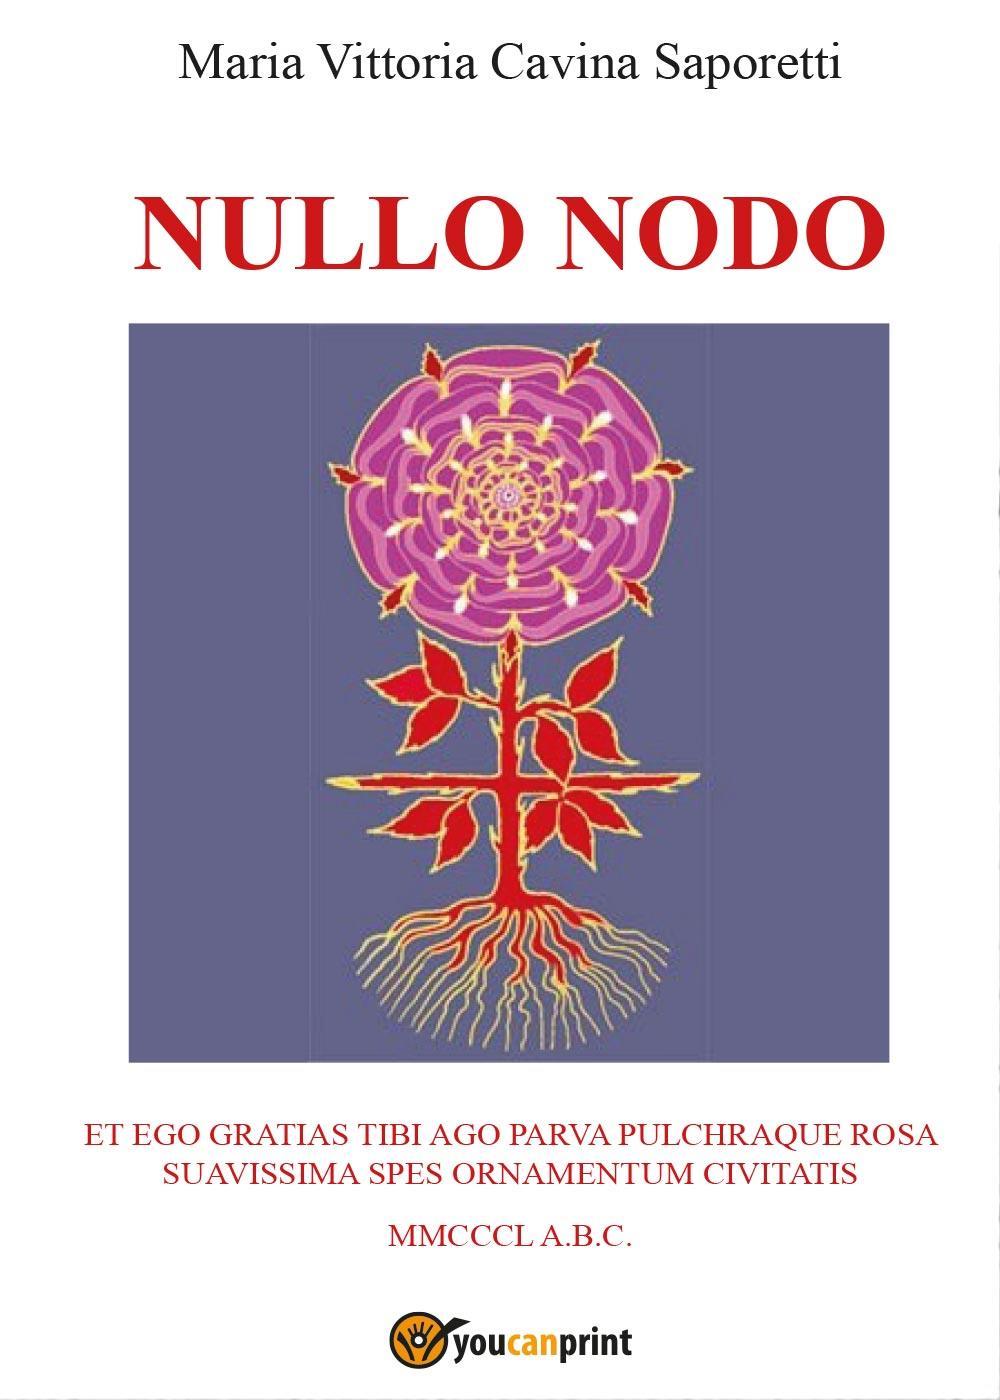 NULLO NODO